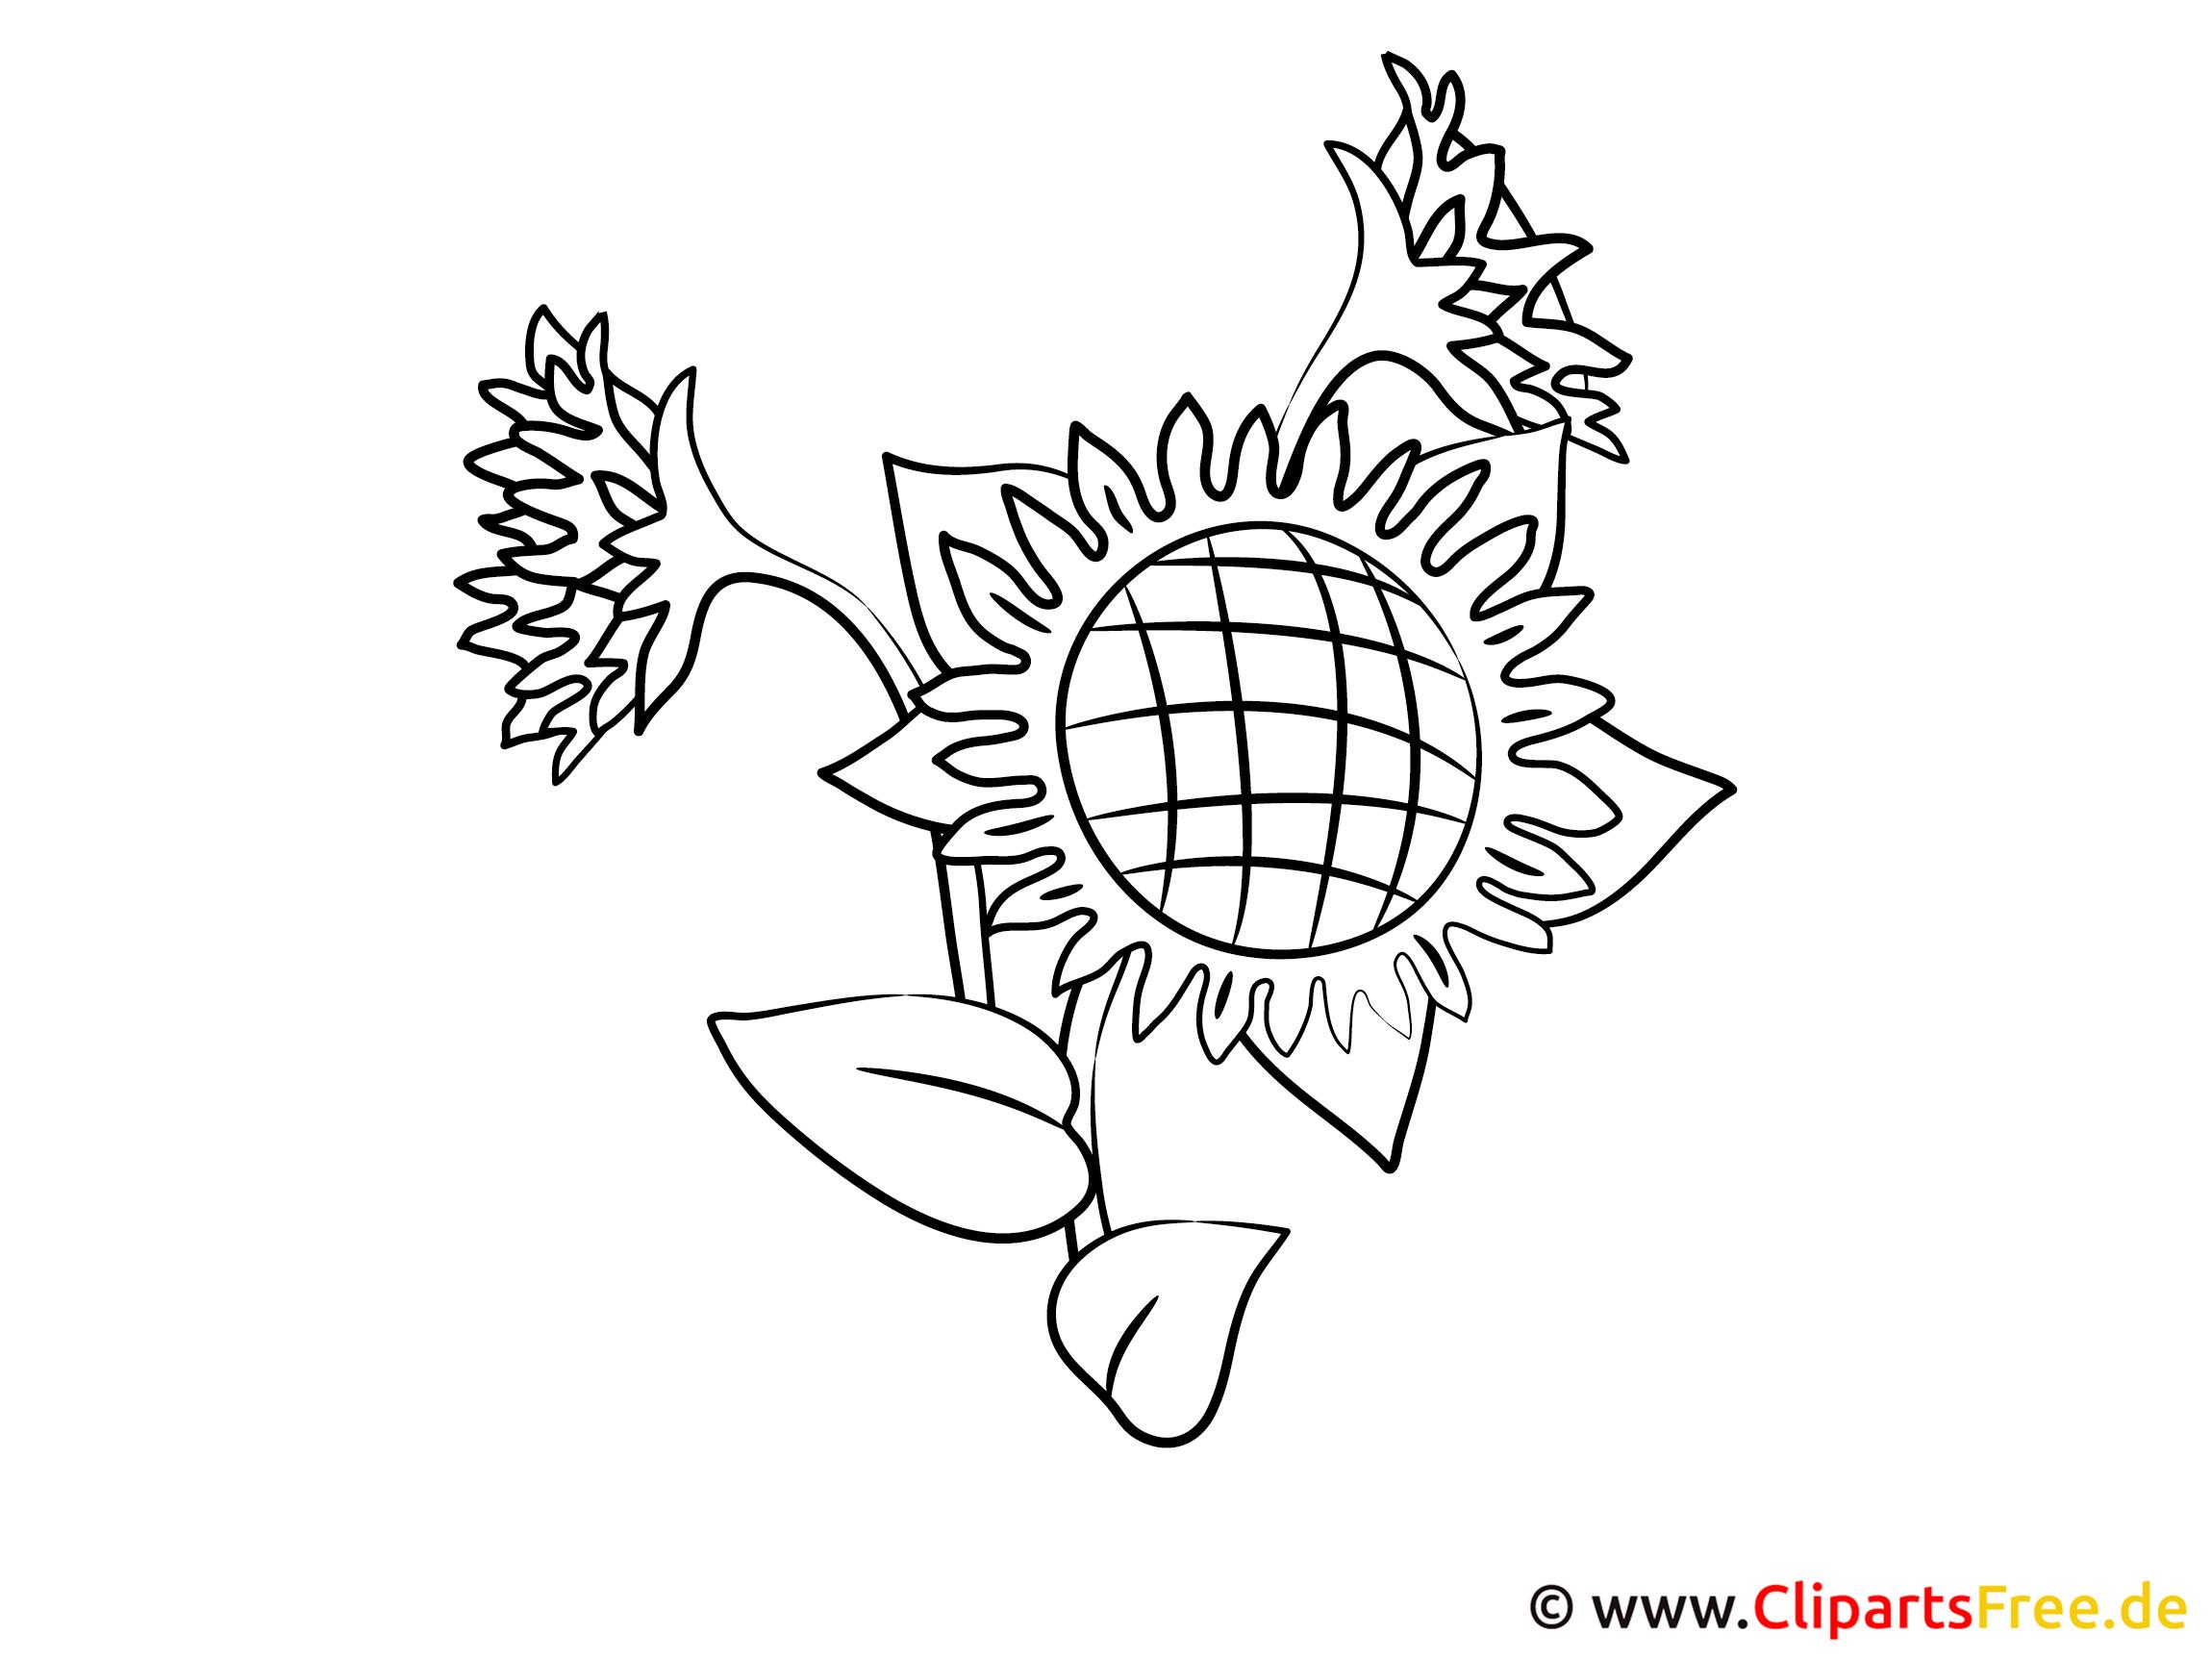 Bauernhof Ausmalbilder zum Ausdrucken - Sonnenblume